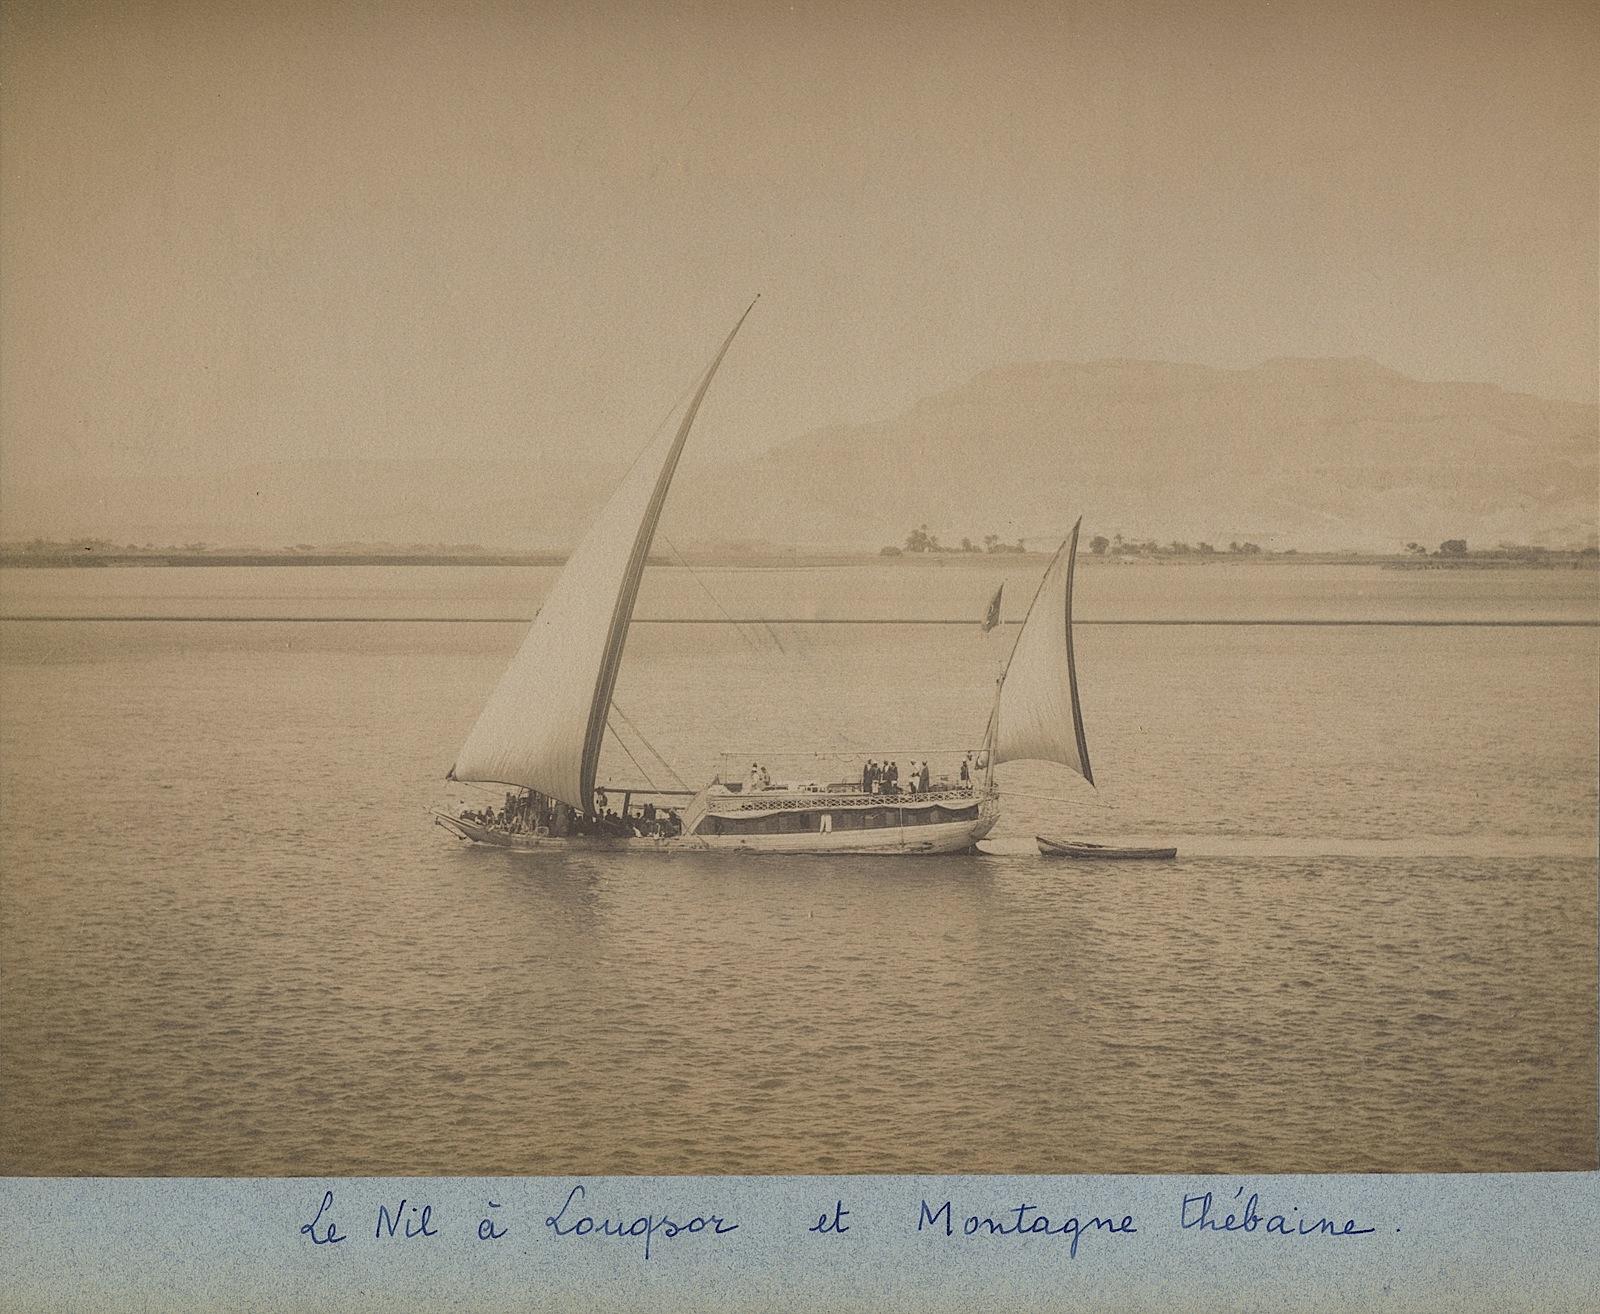 119-Beato-Le Nil a Louqsor et la Montagne Thébaine